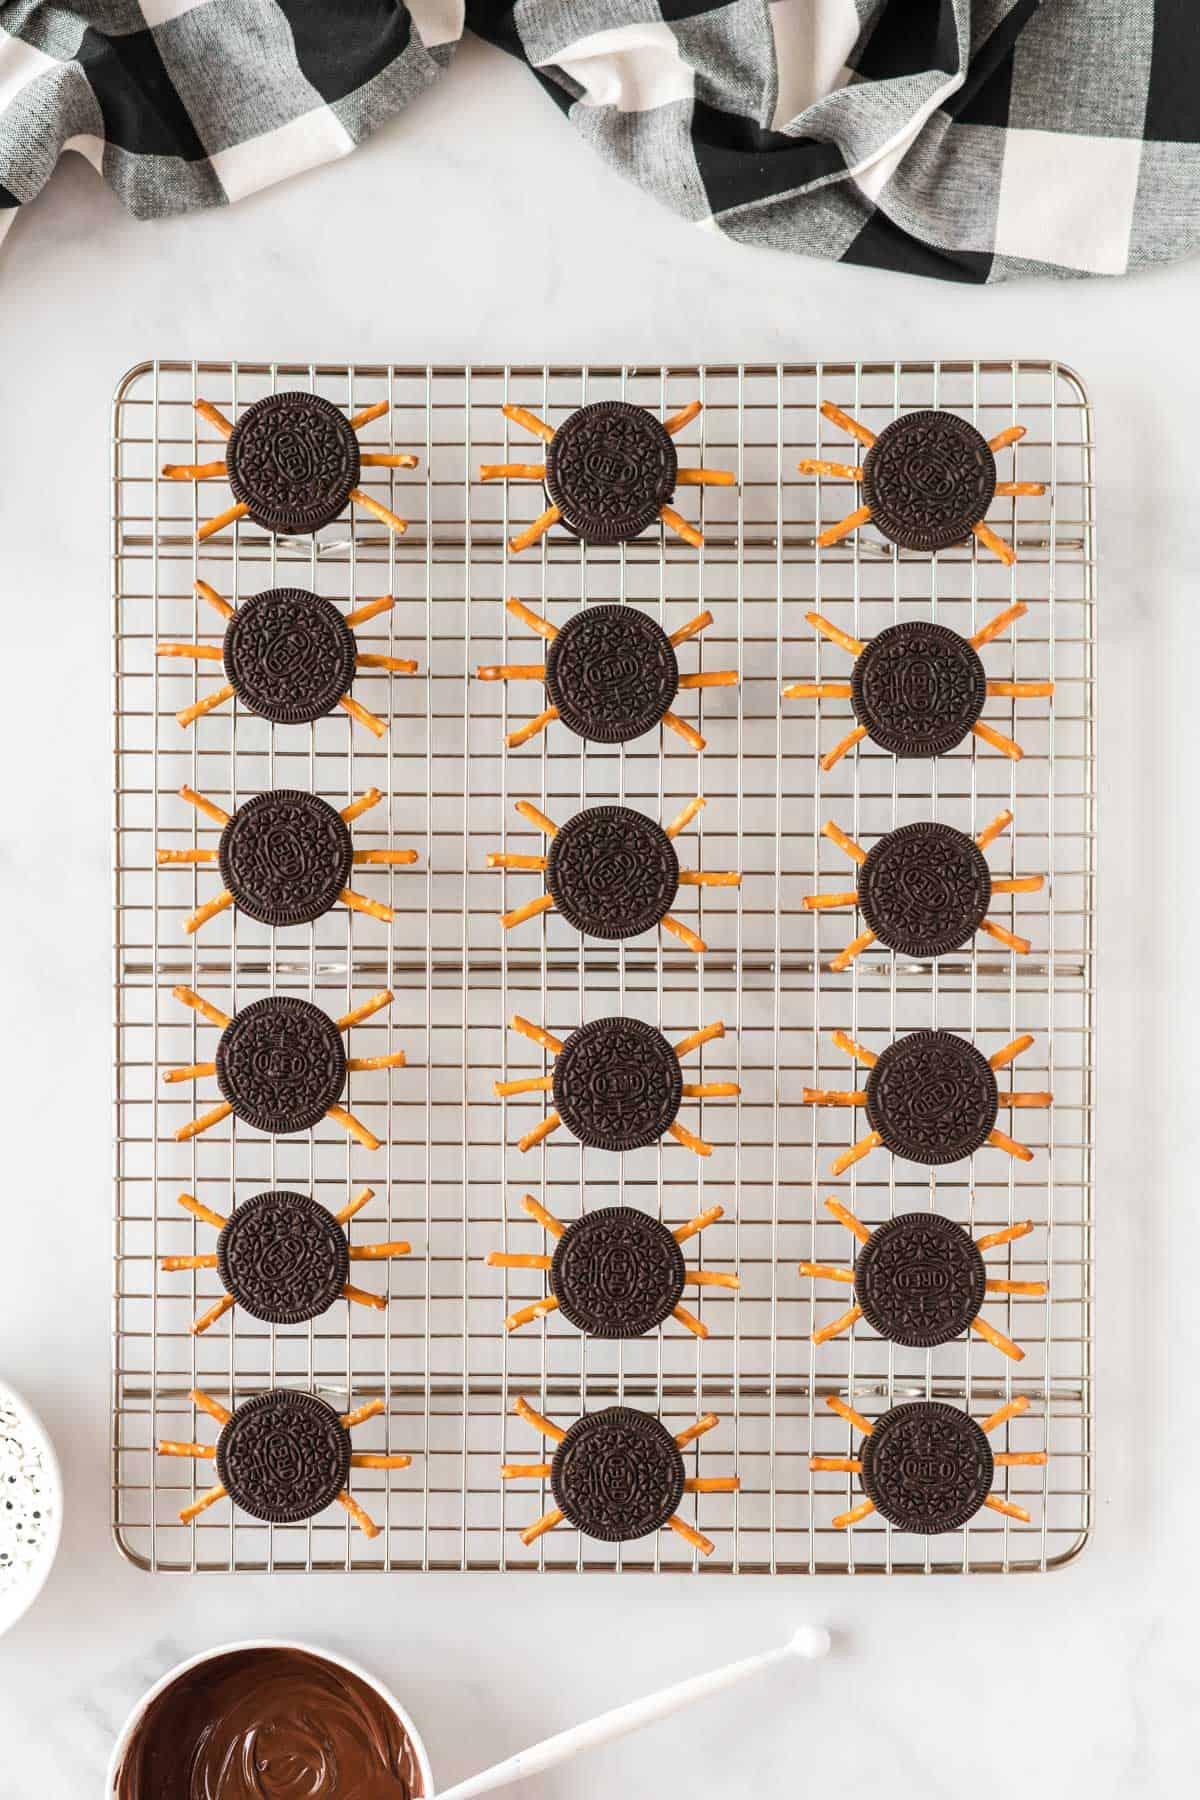 oreo cookies with pretzel legs